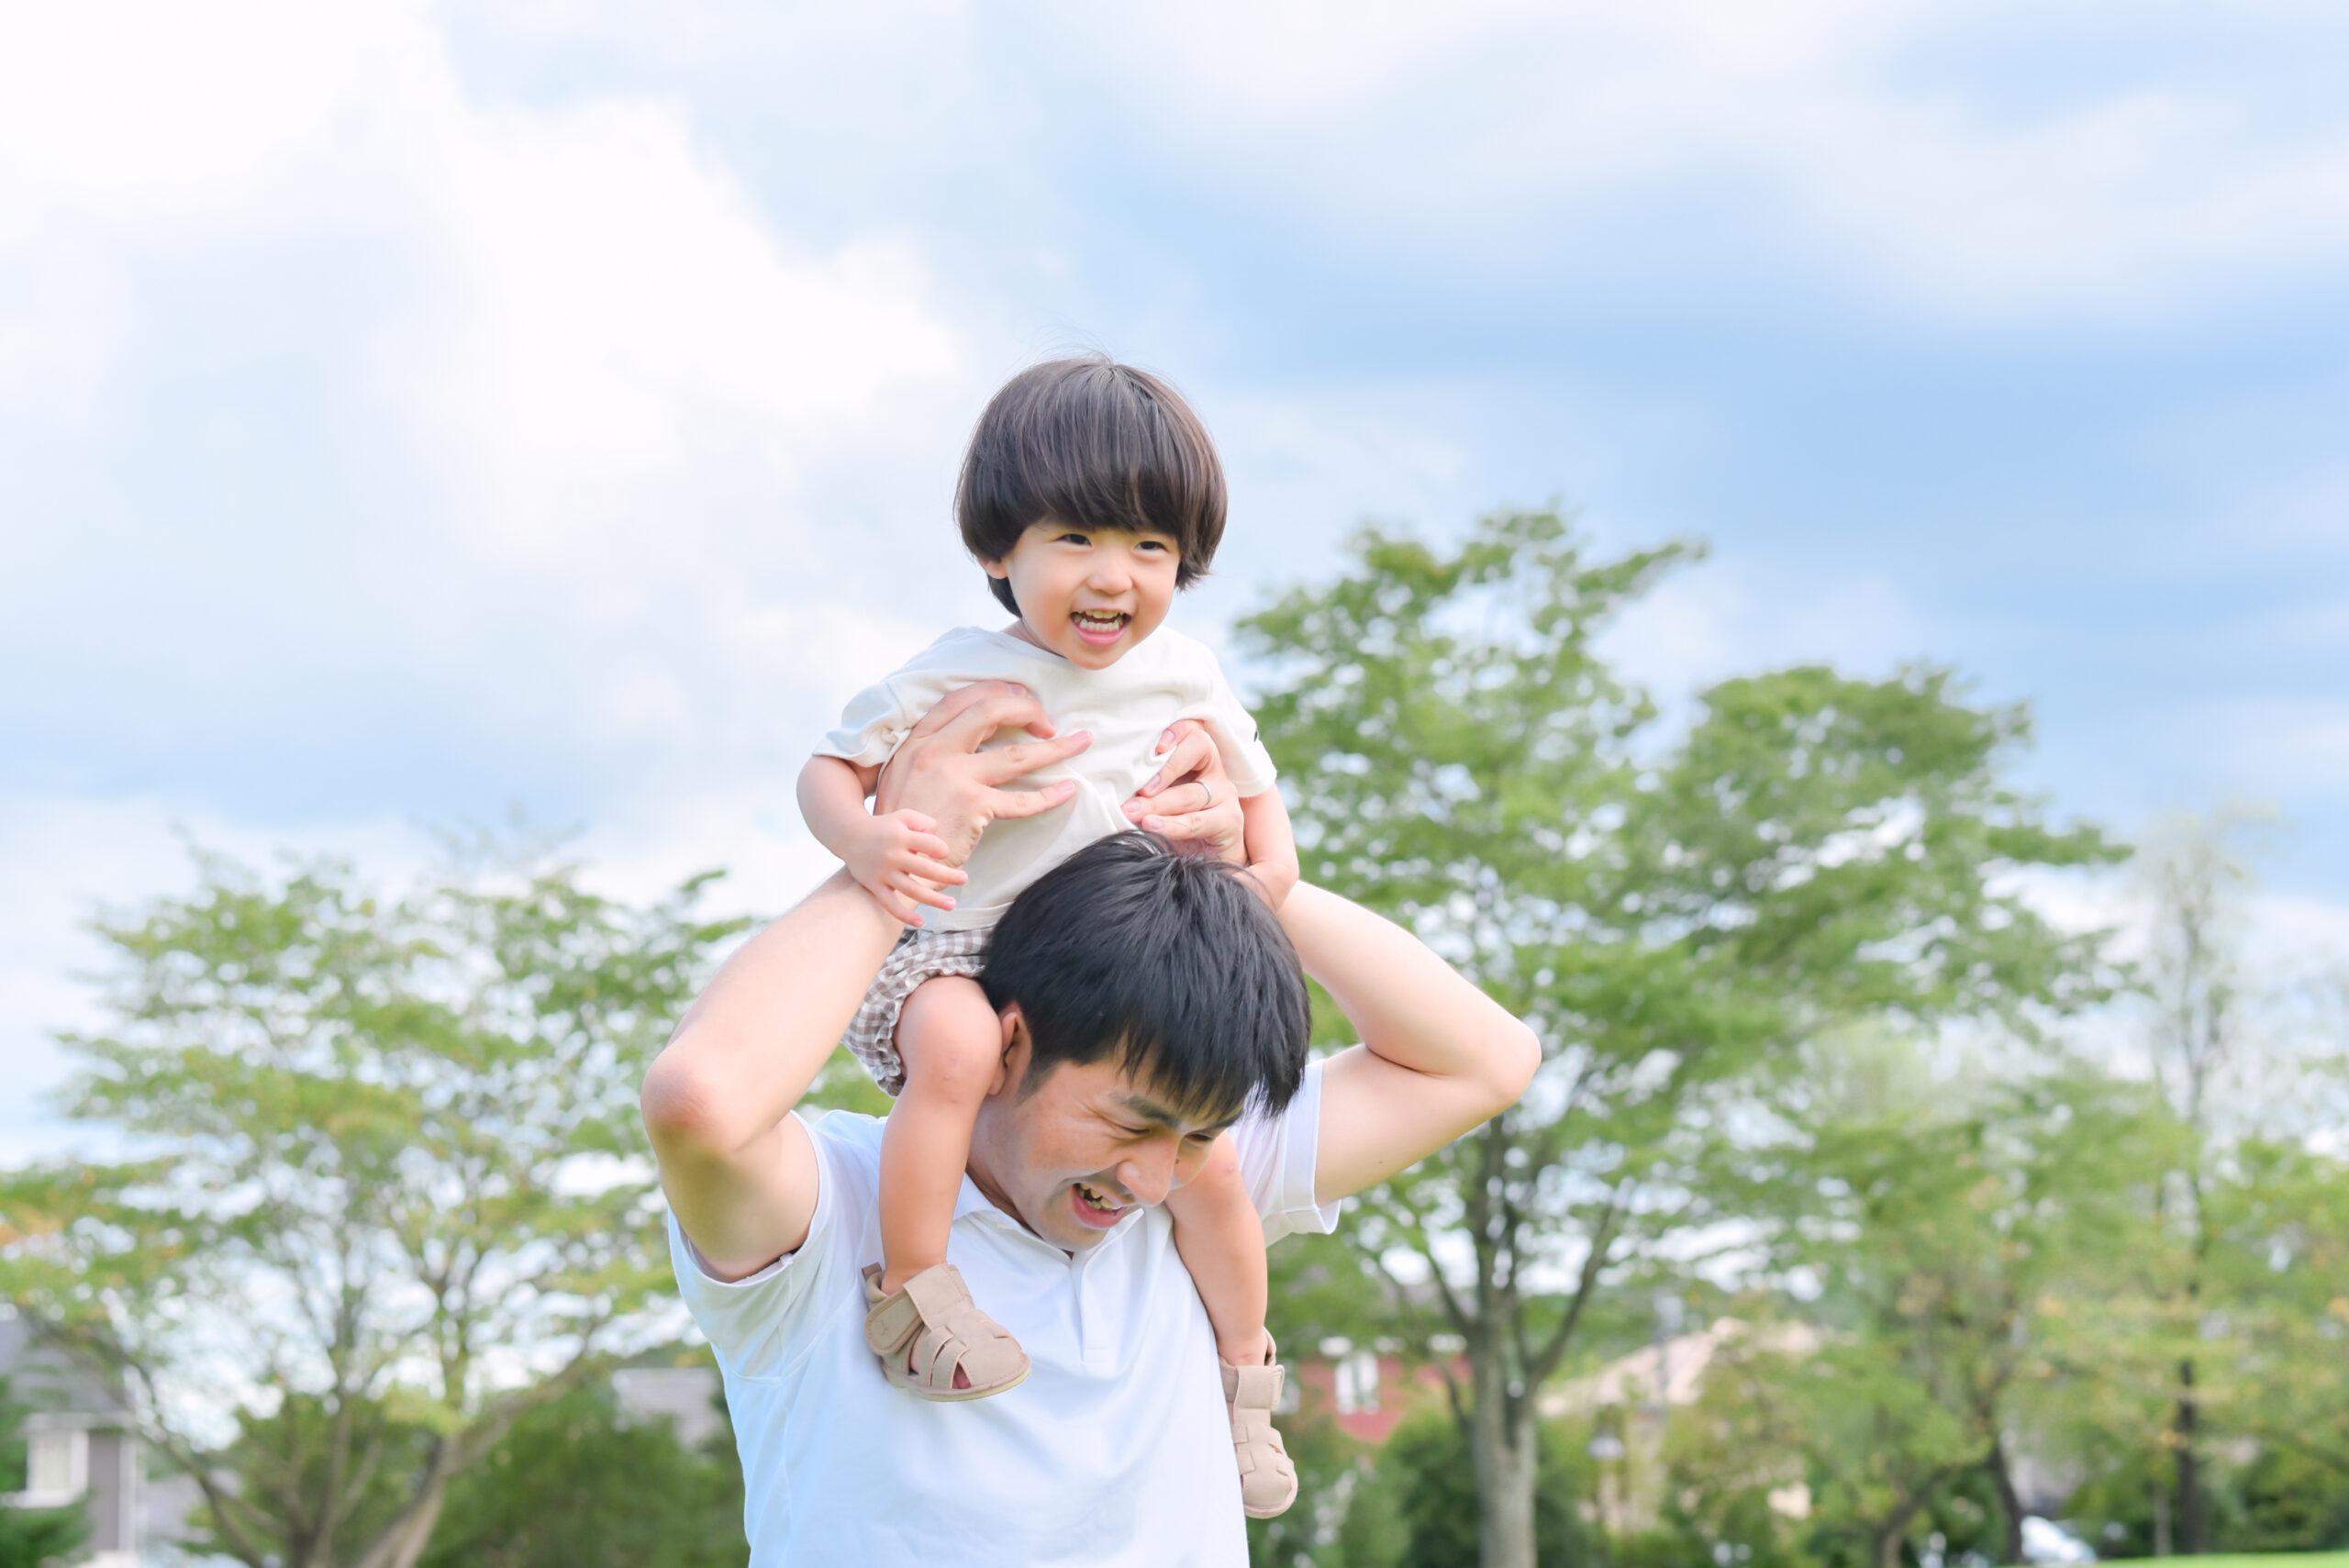 夏 公園 2歳 男の子 こども パパに肩車 写真撮影 ロケーションフォト 宇都宮